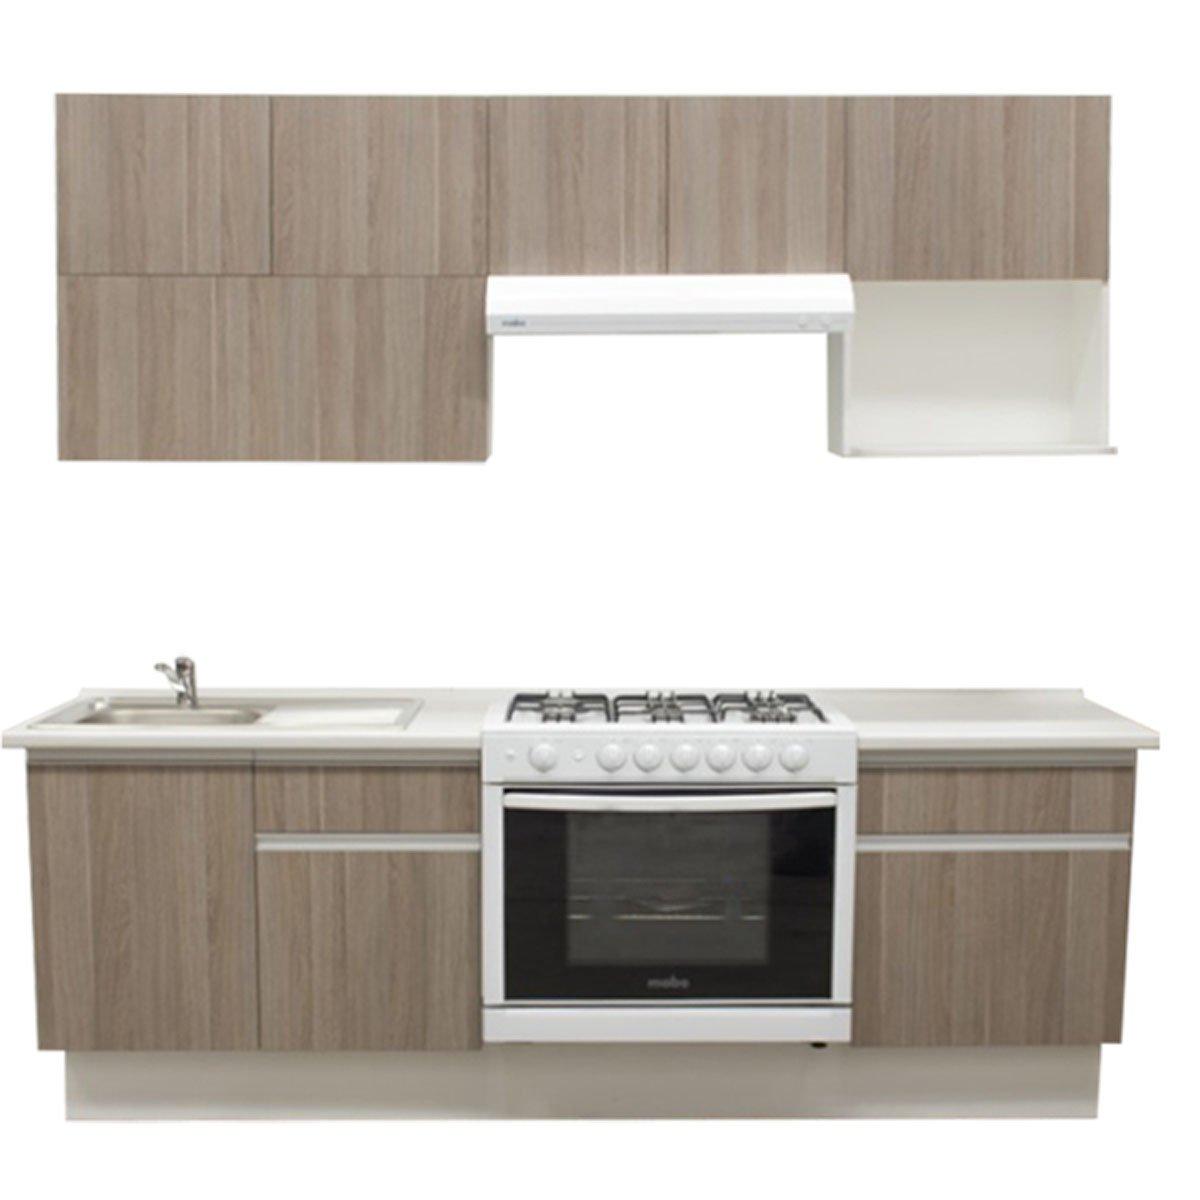 Cocina integral cendra estufa derecha tarja for Muebles de cocina 3 metros